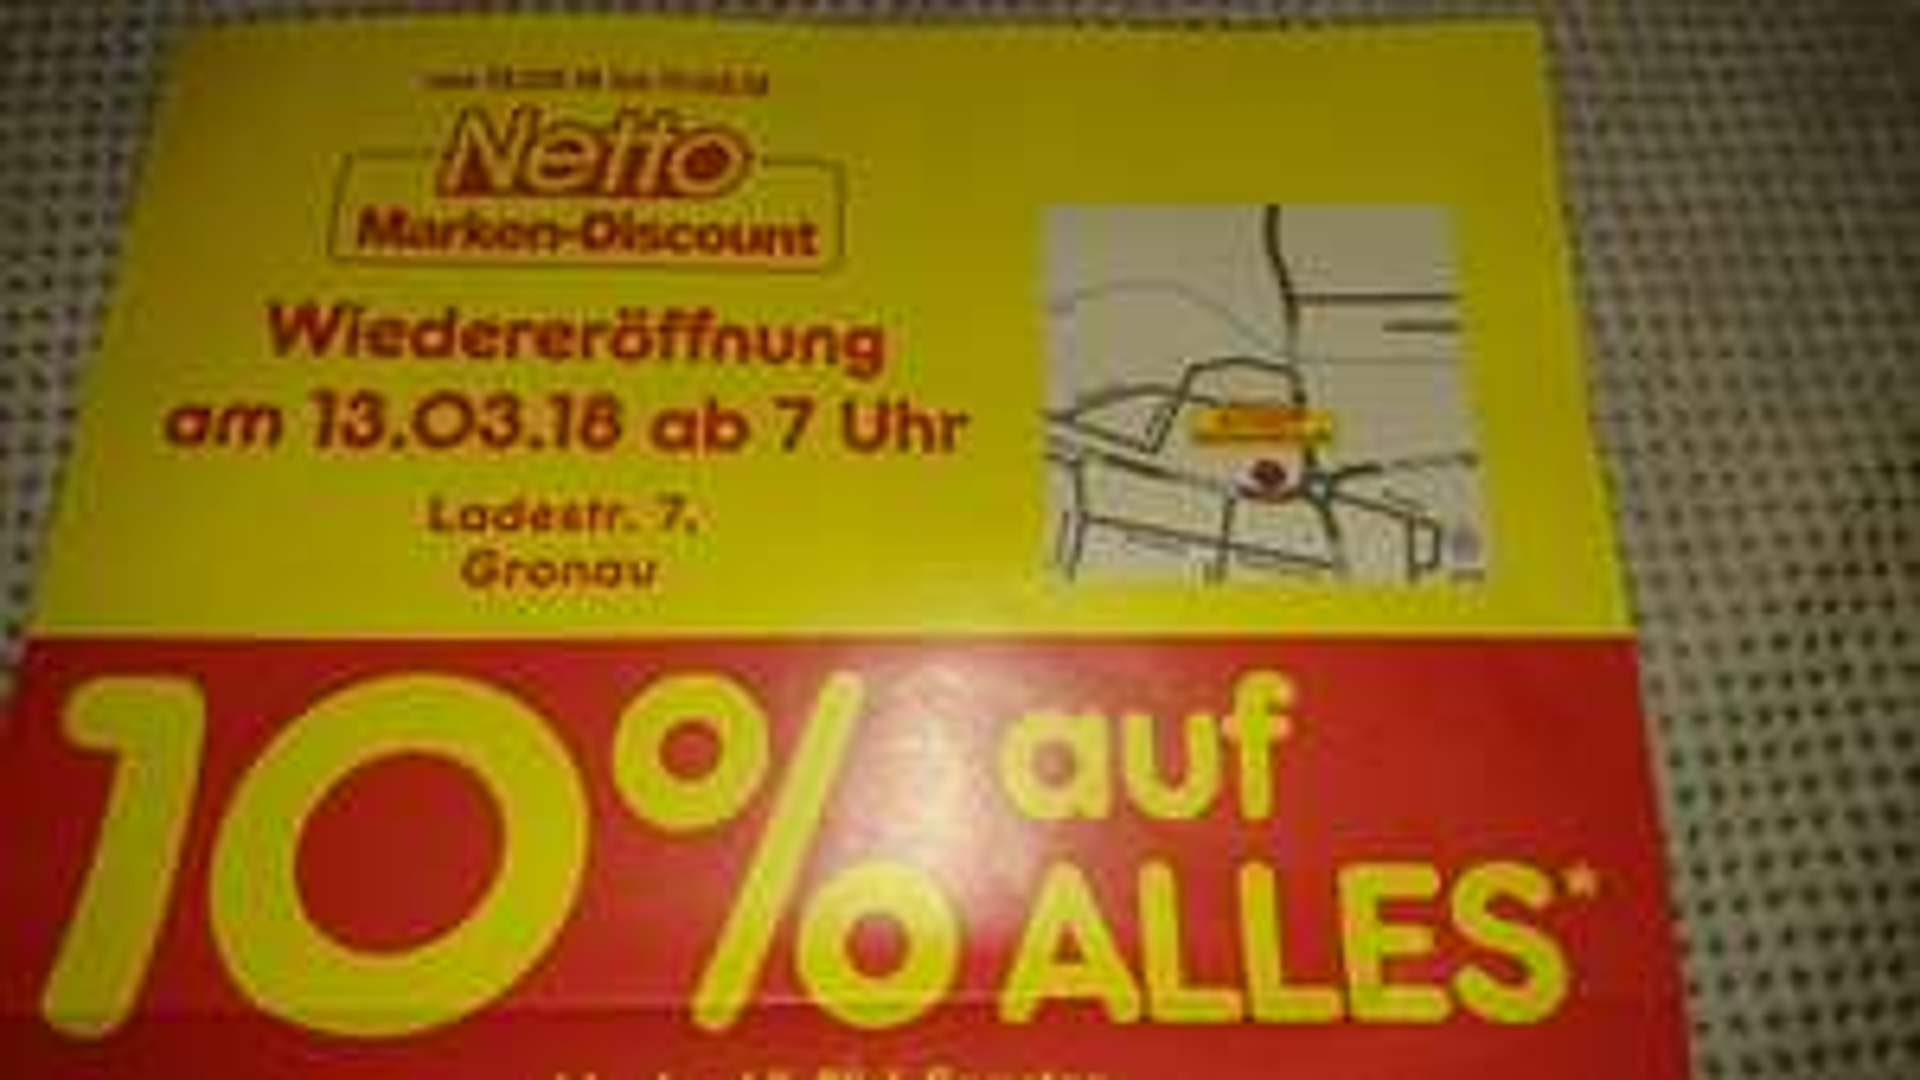 """Lokal: Netto Gronau (Leine) - 10% auf das """"gesamte"""" Sortiment (13.03. - 17.03.) Update: Sammeldeal Netto Neueröffnungen ab 13.03."""